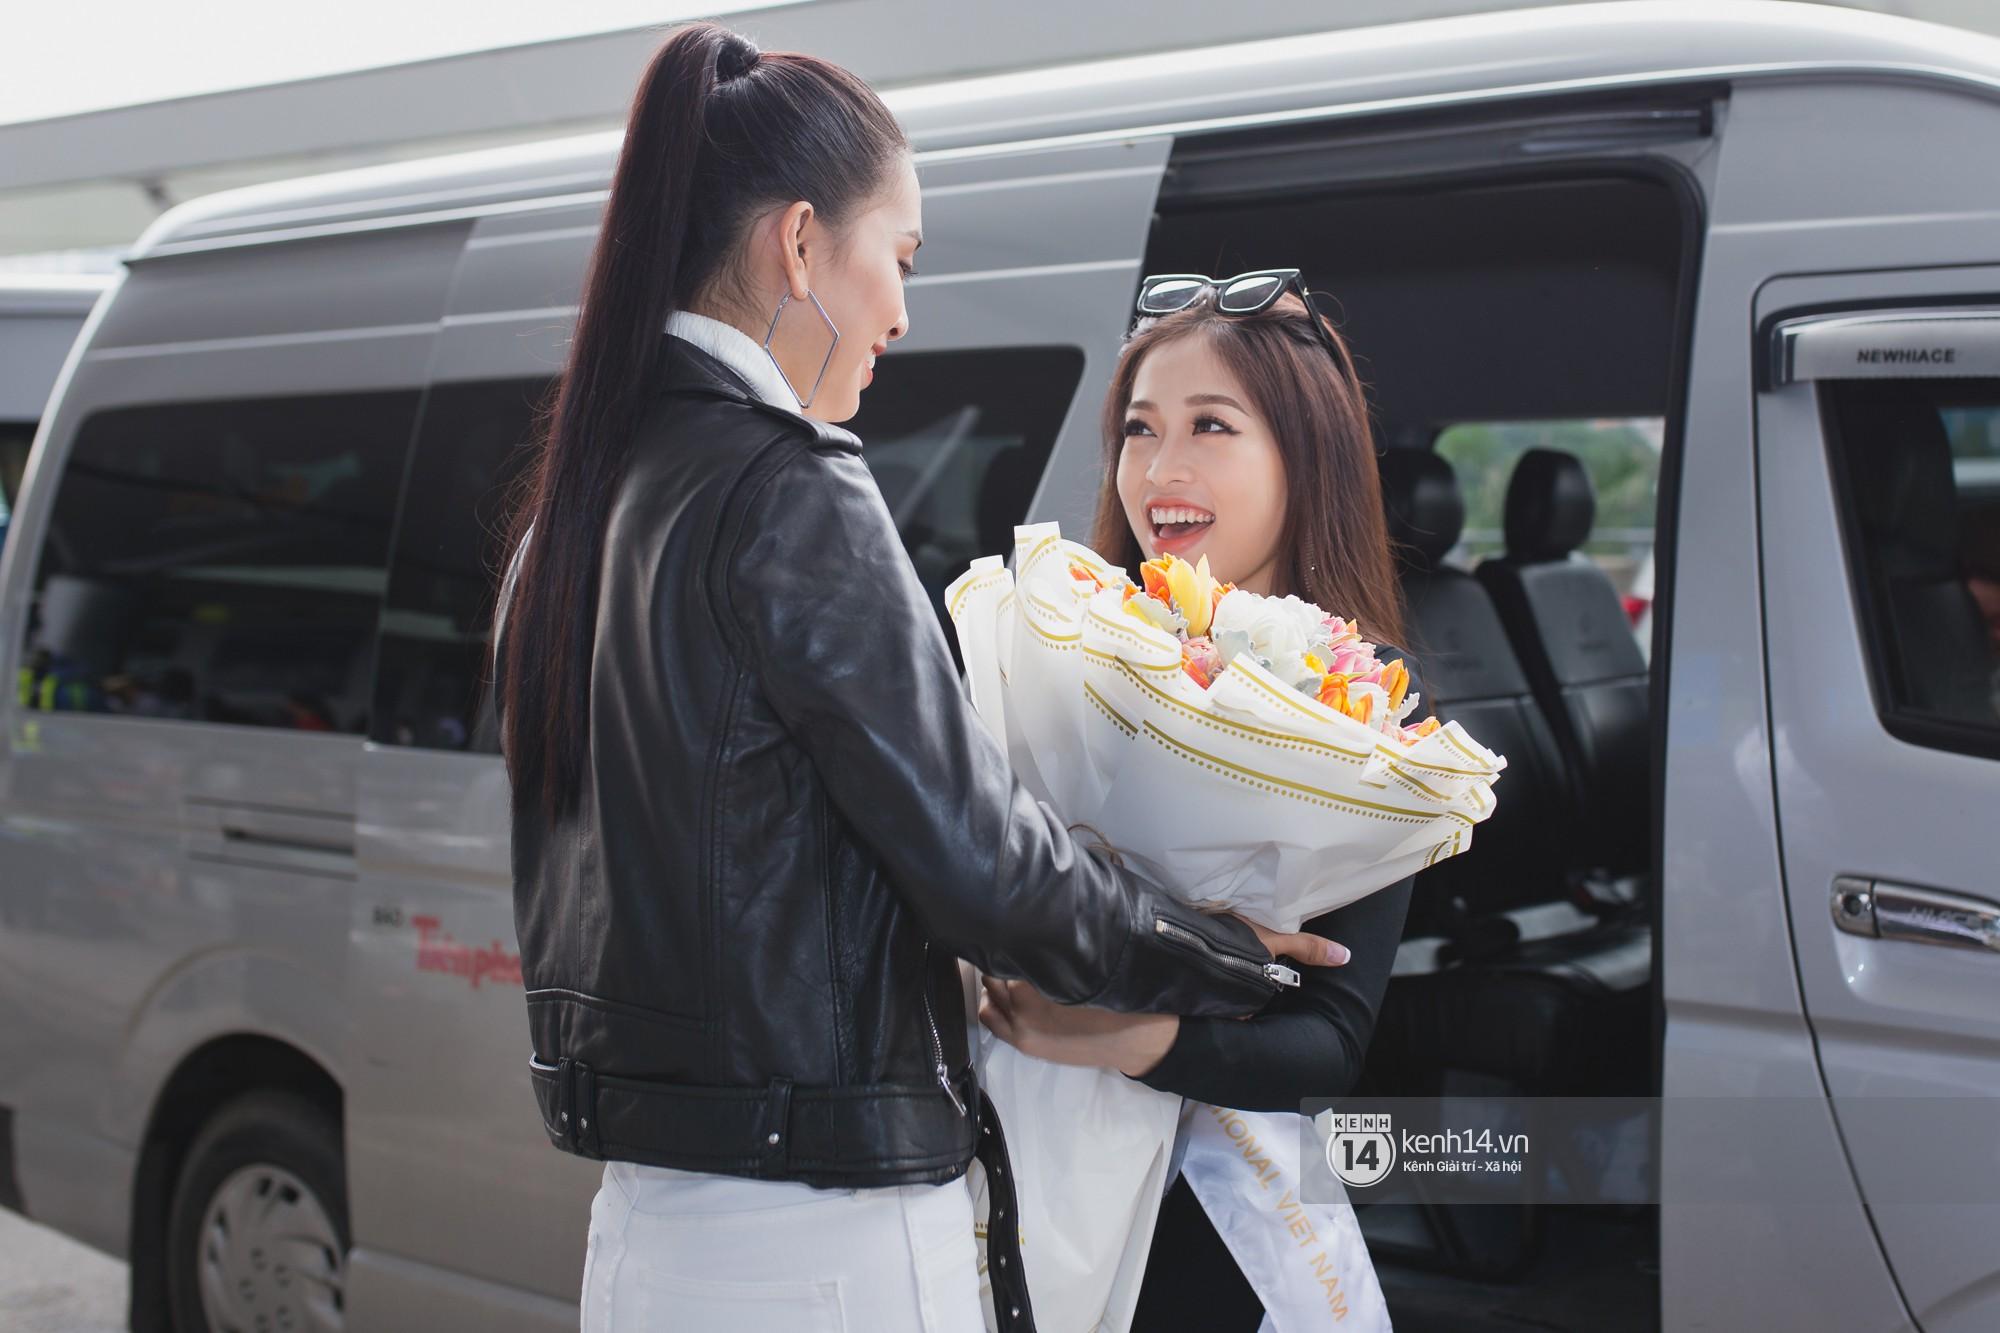 Vừa trở về từ Pháp tức thì, Trần Tiểu Vy ở lại sân bay tiễn Bùi Phương Nga đi Myanmar tham dự Hoa hậu Hoà bình Quốc tế - Ảnh 7.